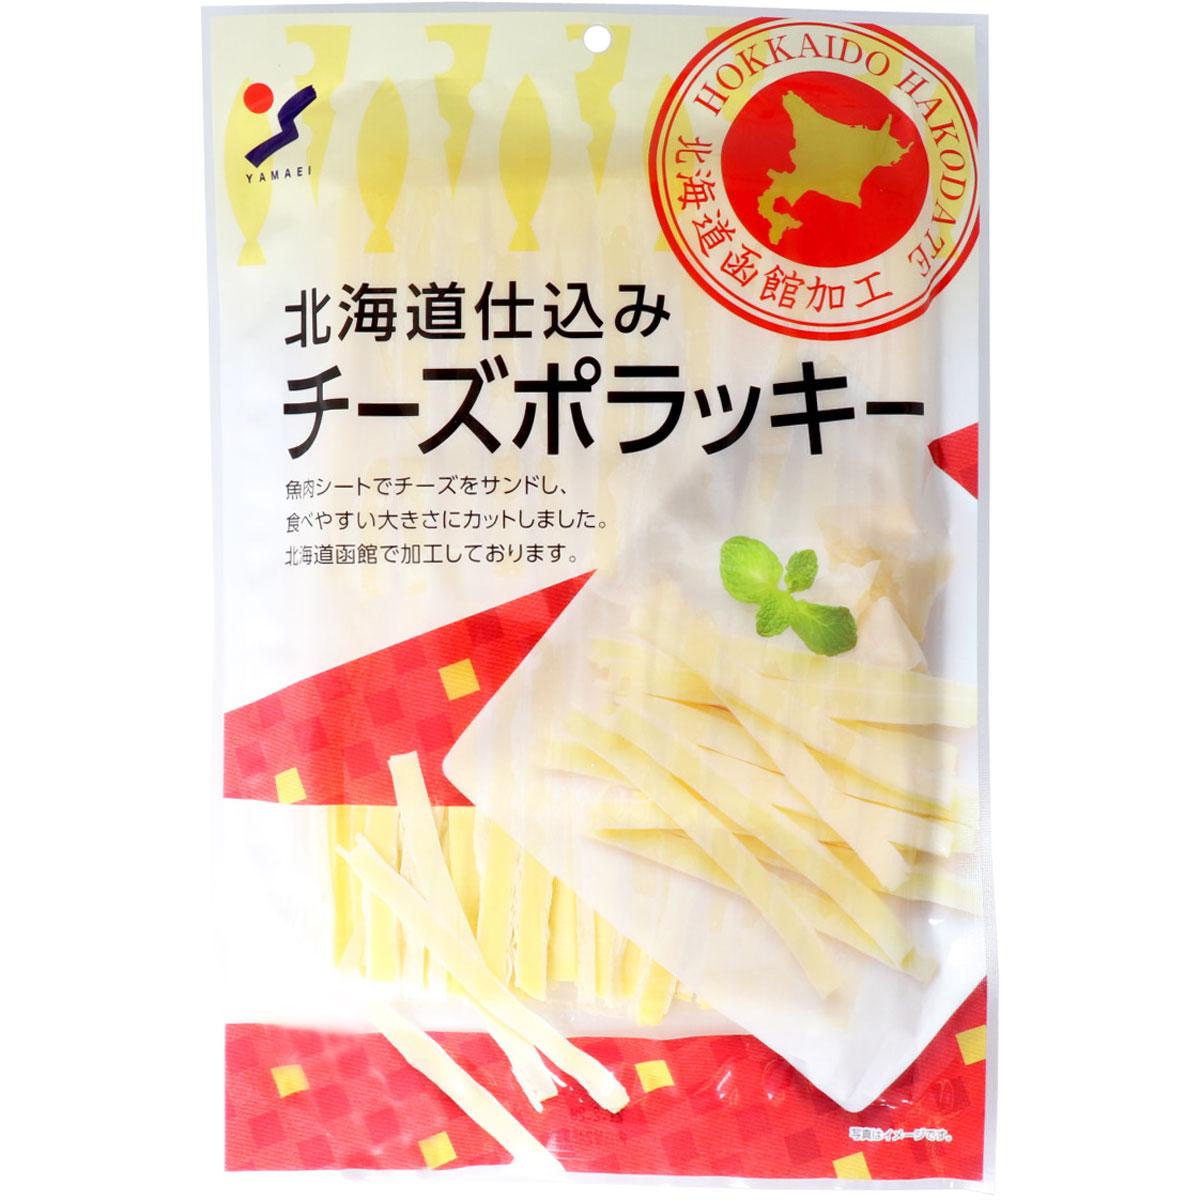 ※北海道仕込み チーズポラッキー 245g